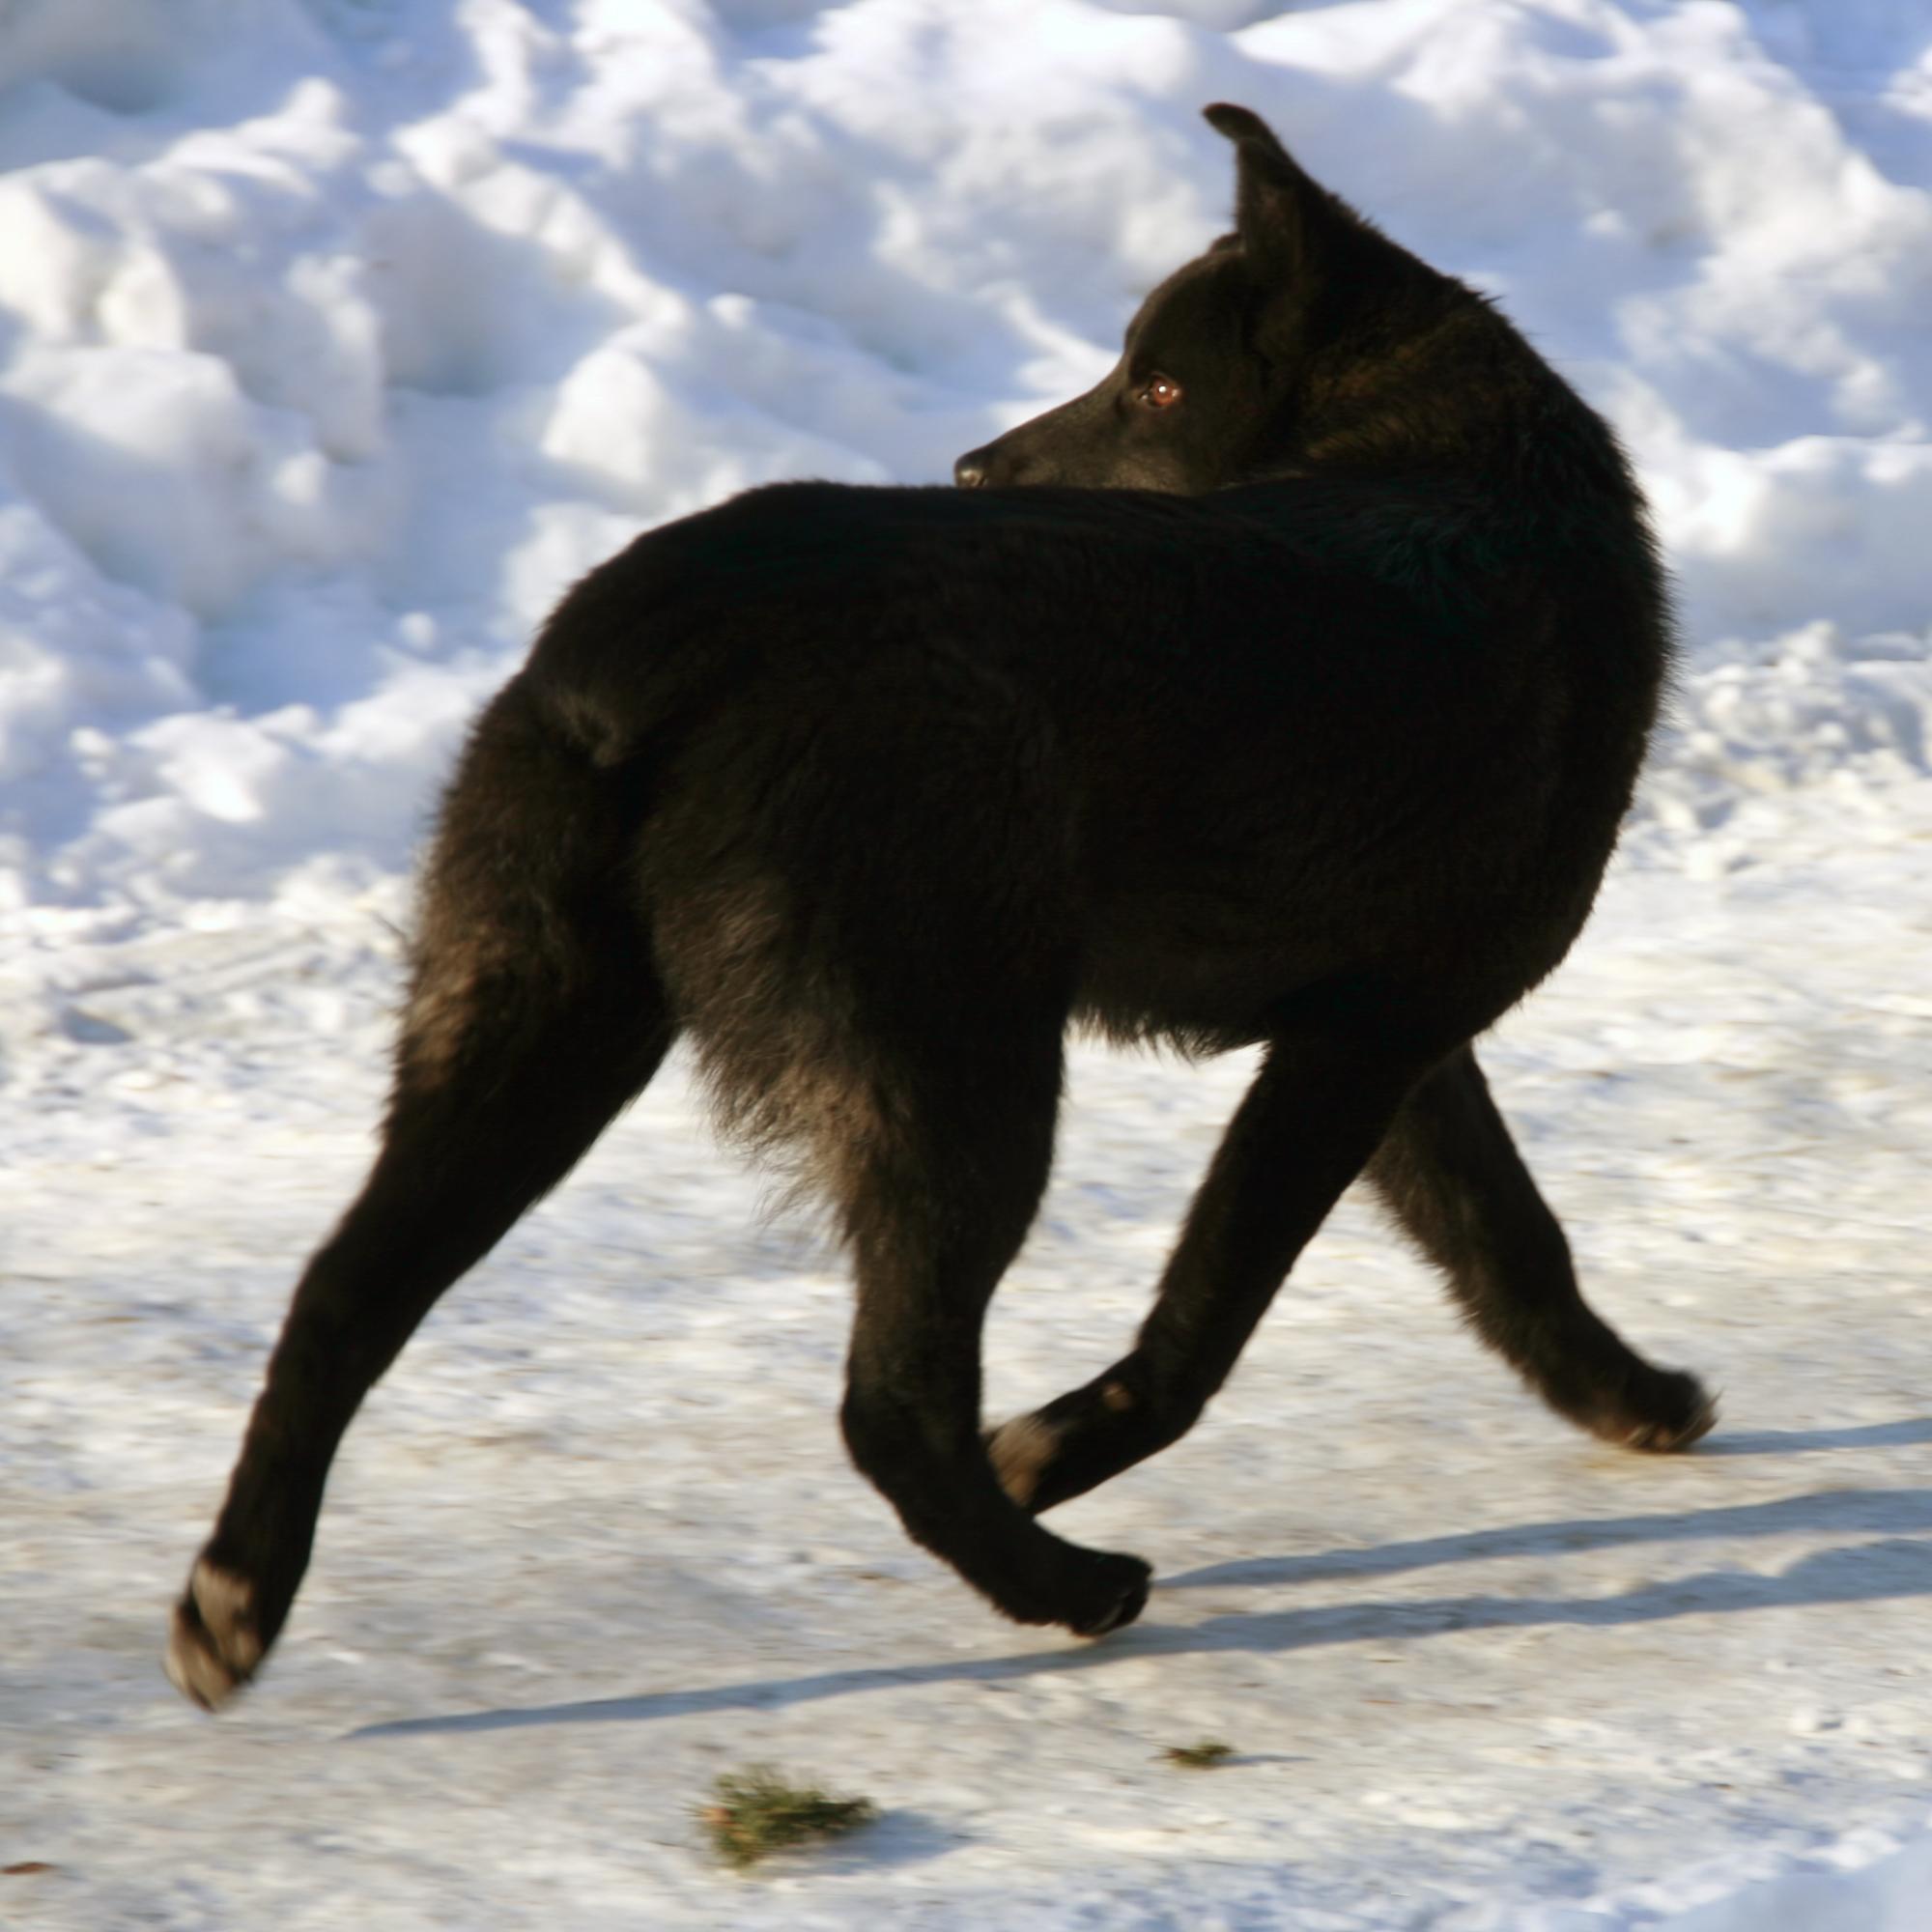 Dog Running, Black, Canine, Dog, Outdoors, HQ Photo